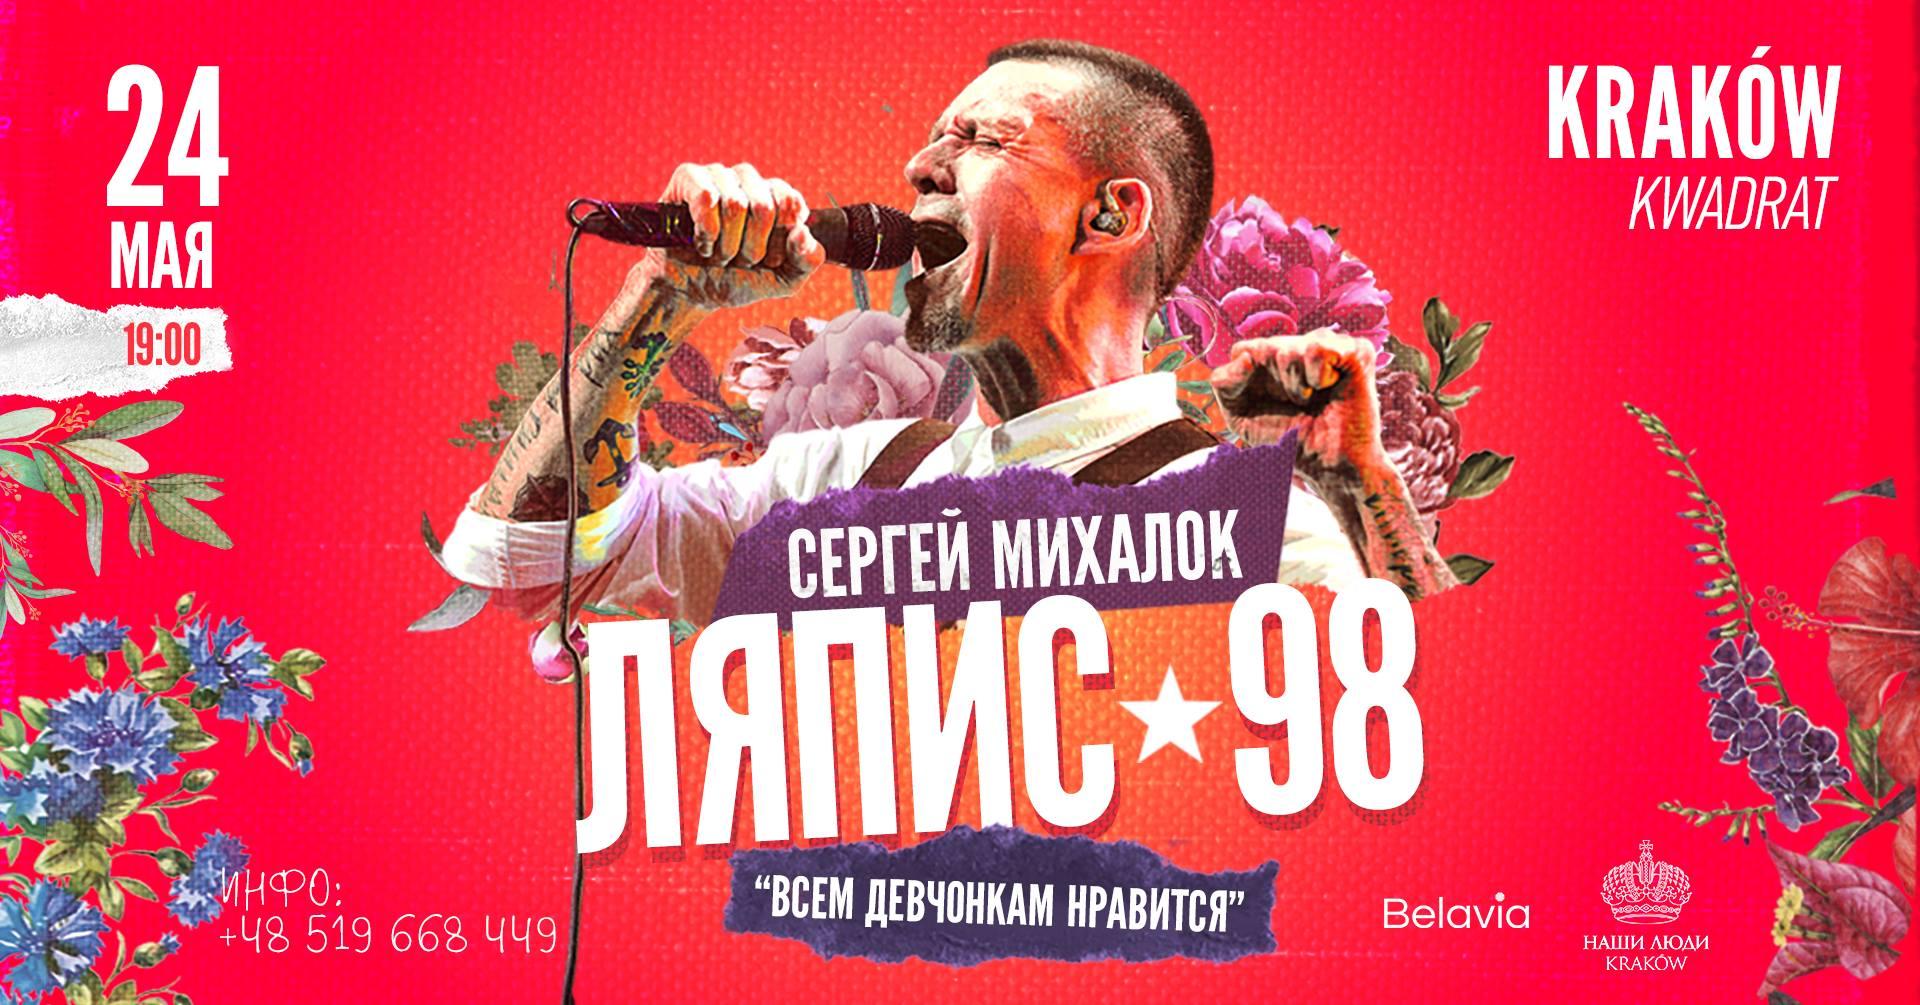 LYAPIS 98!